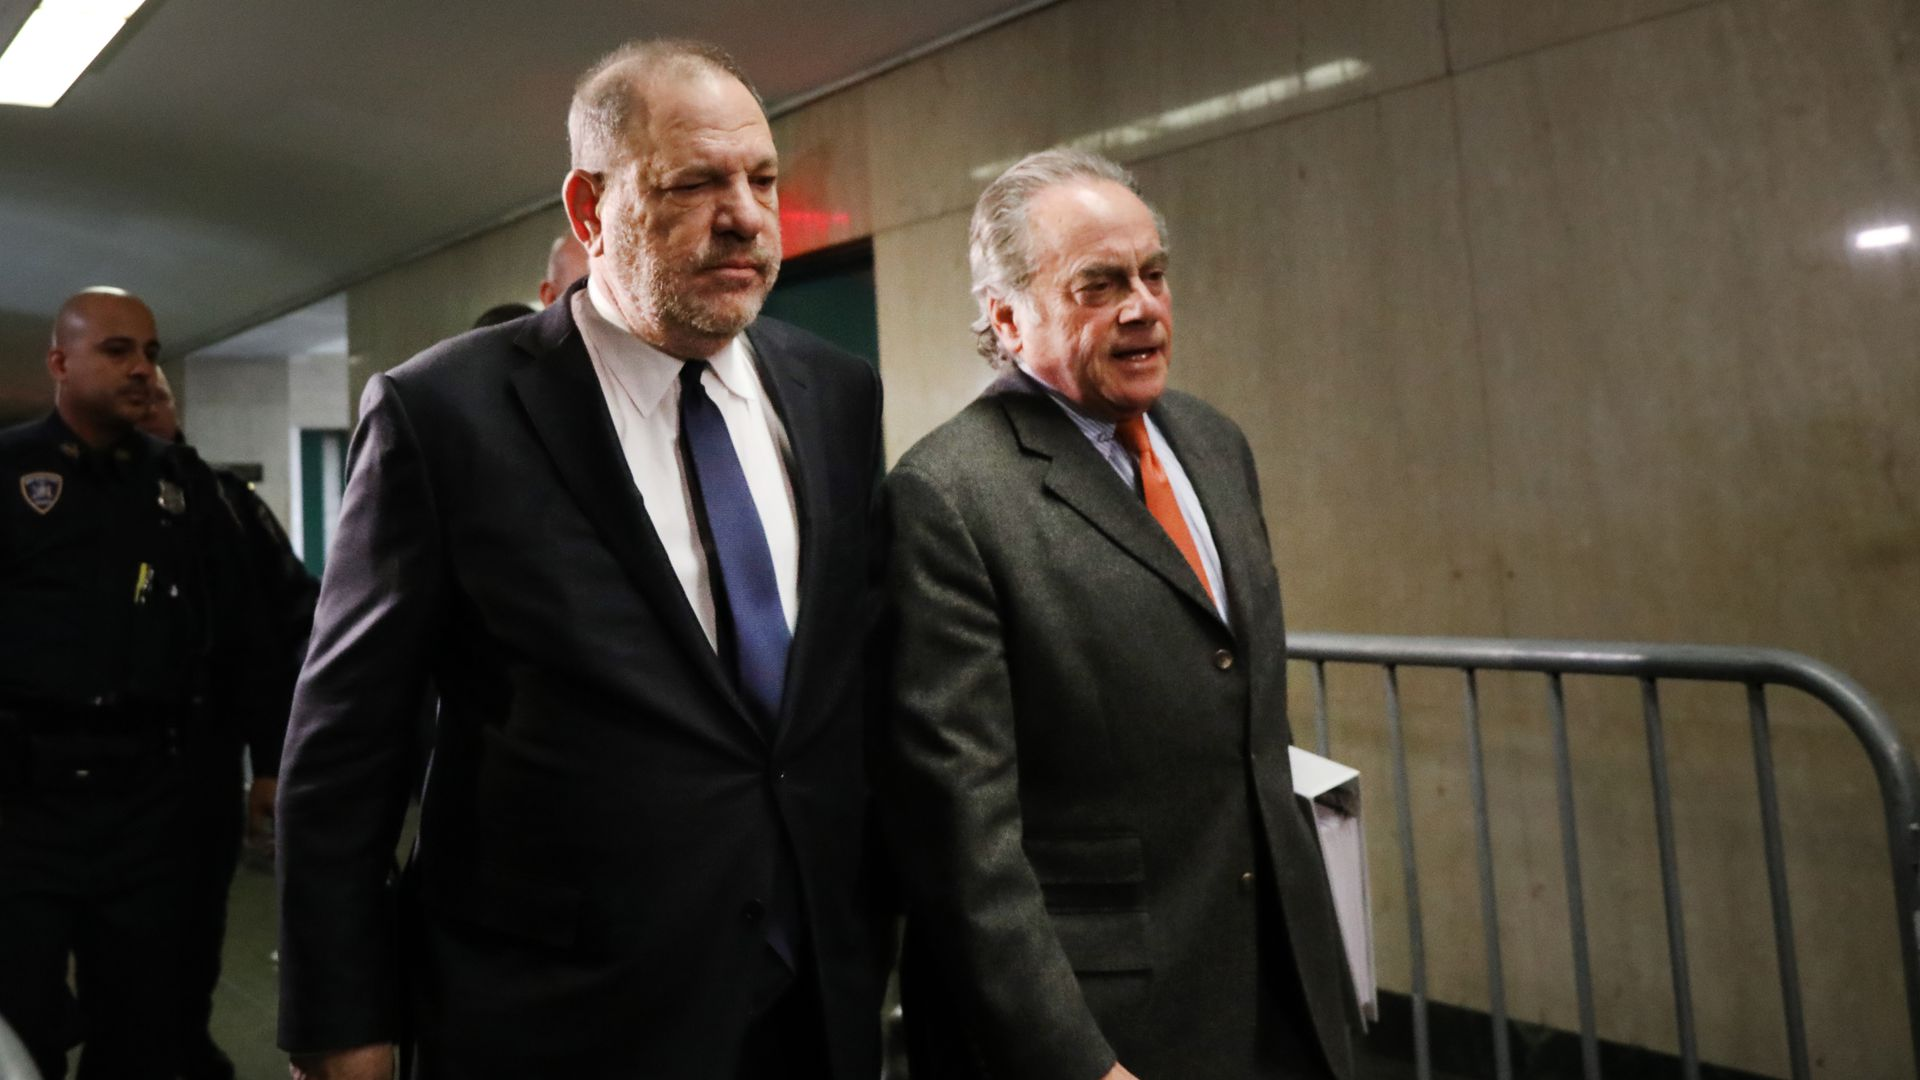 Harvey weinstein with his attorney